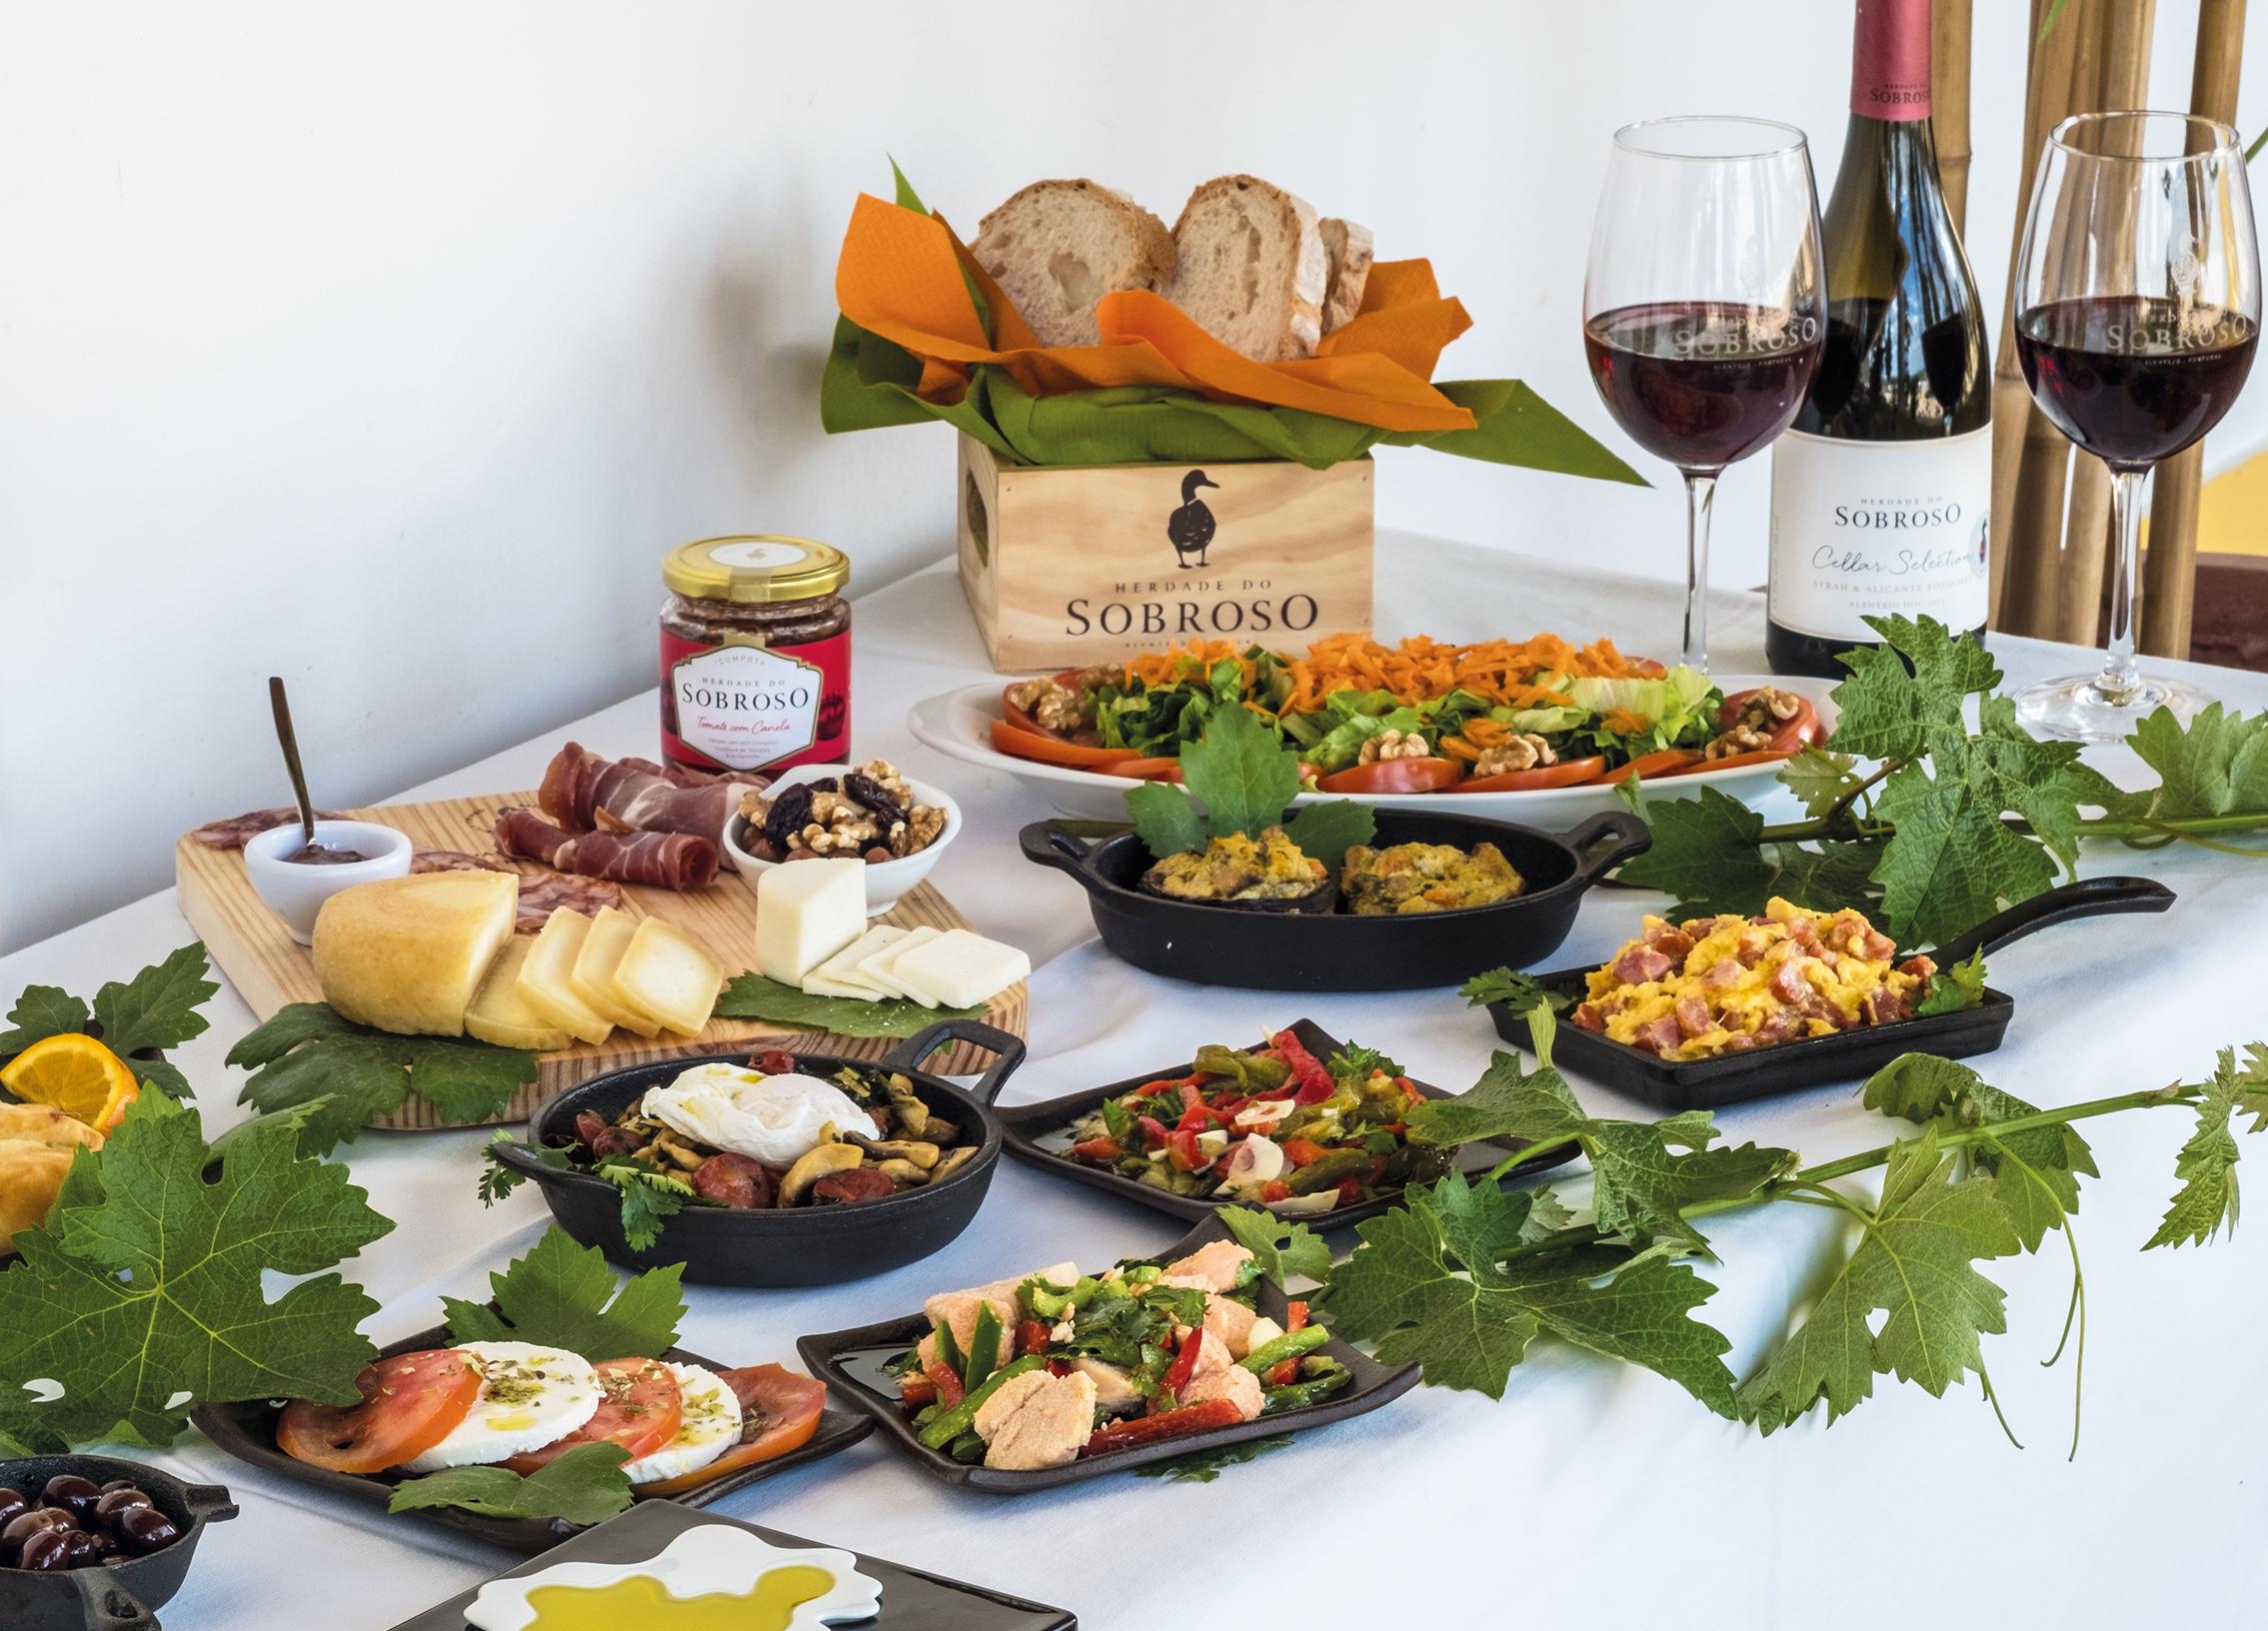 Herdade do Sobroso - Prova & Almoço Tradicional